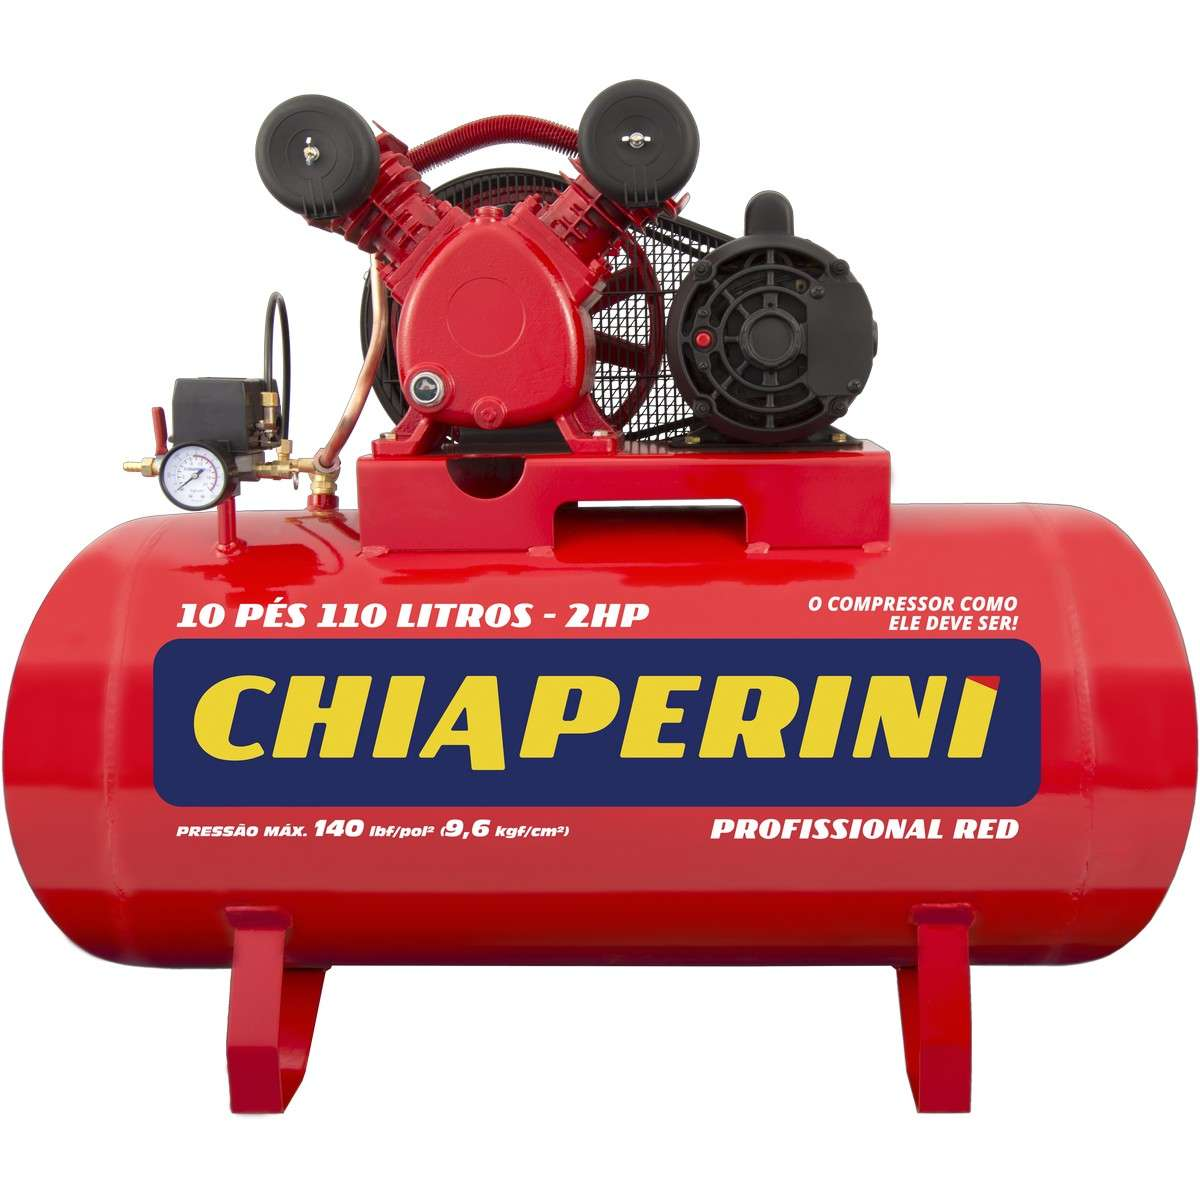 Compressor De Ar Chiaperini 10 Pés 110 Litros Red 140 Lbf Trifásico